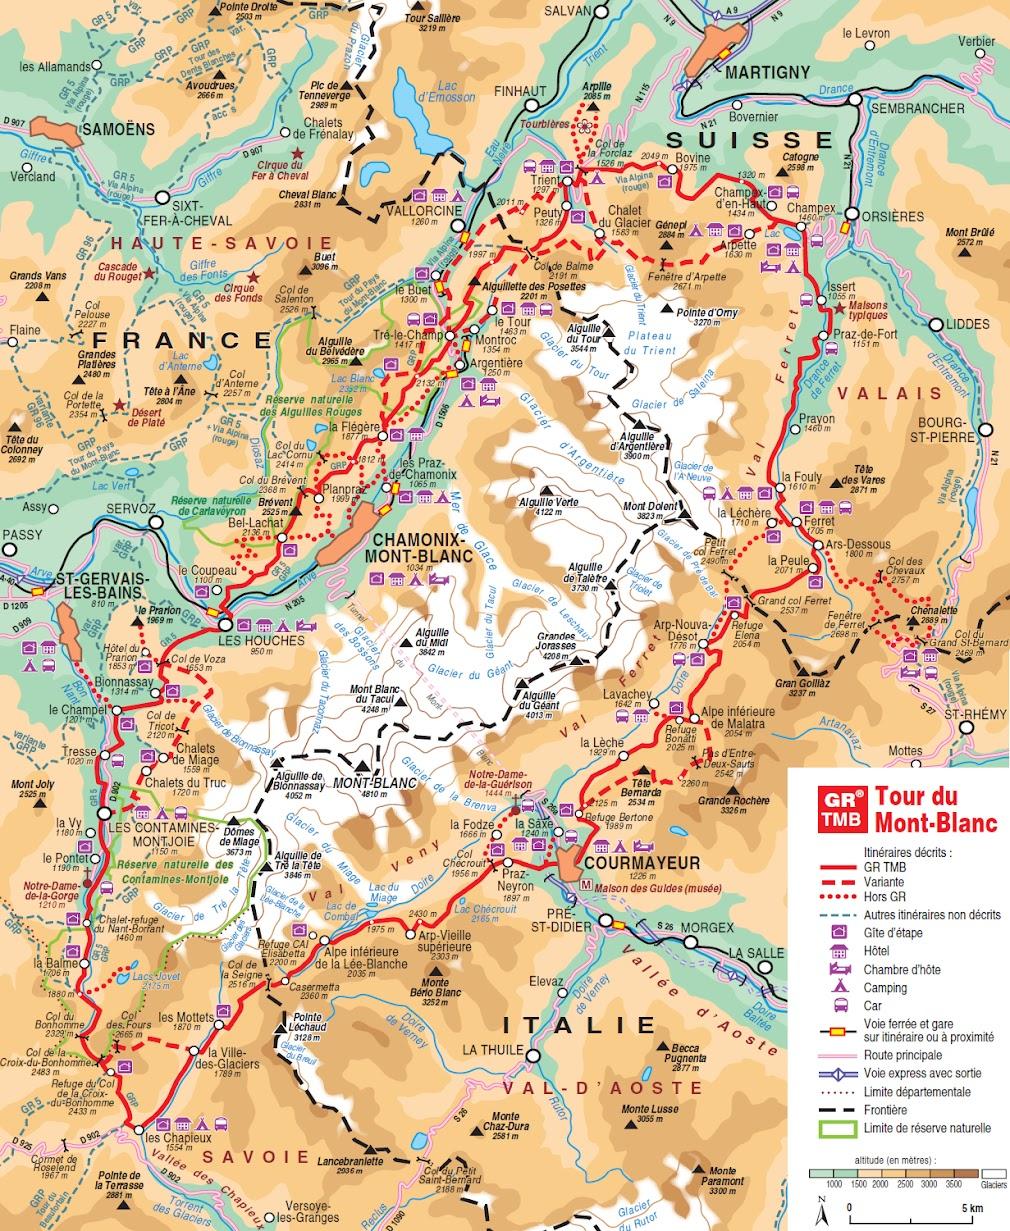 карта Tour du Mont Blanc